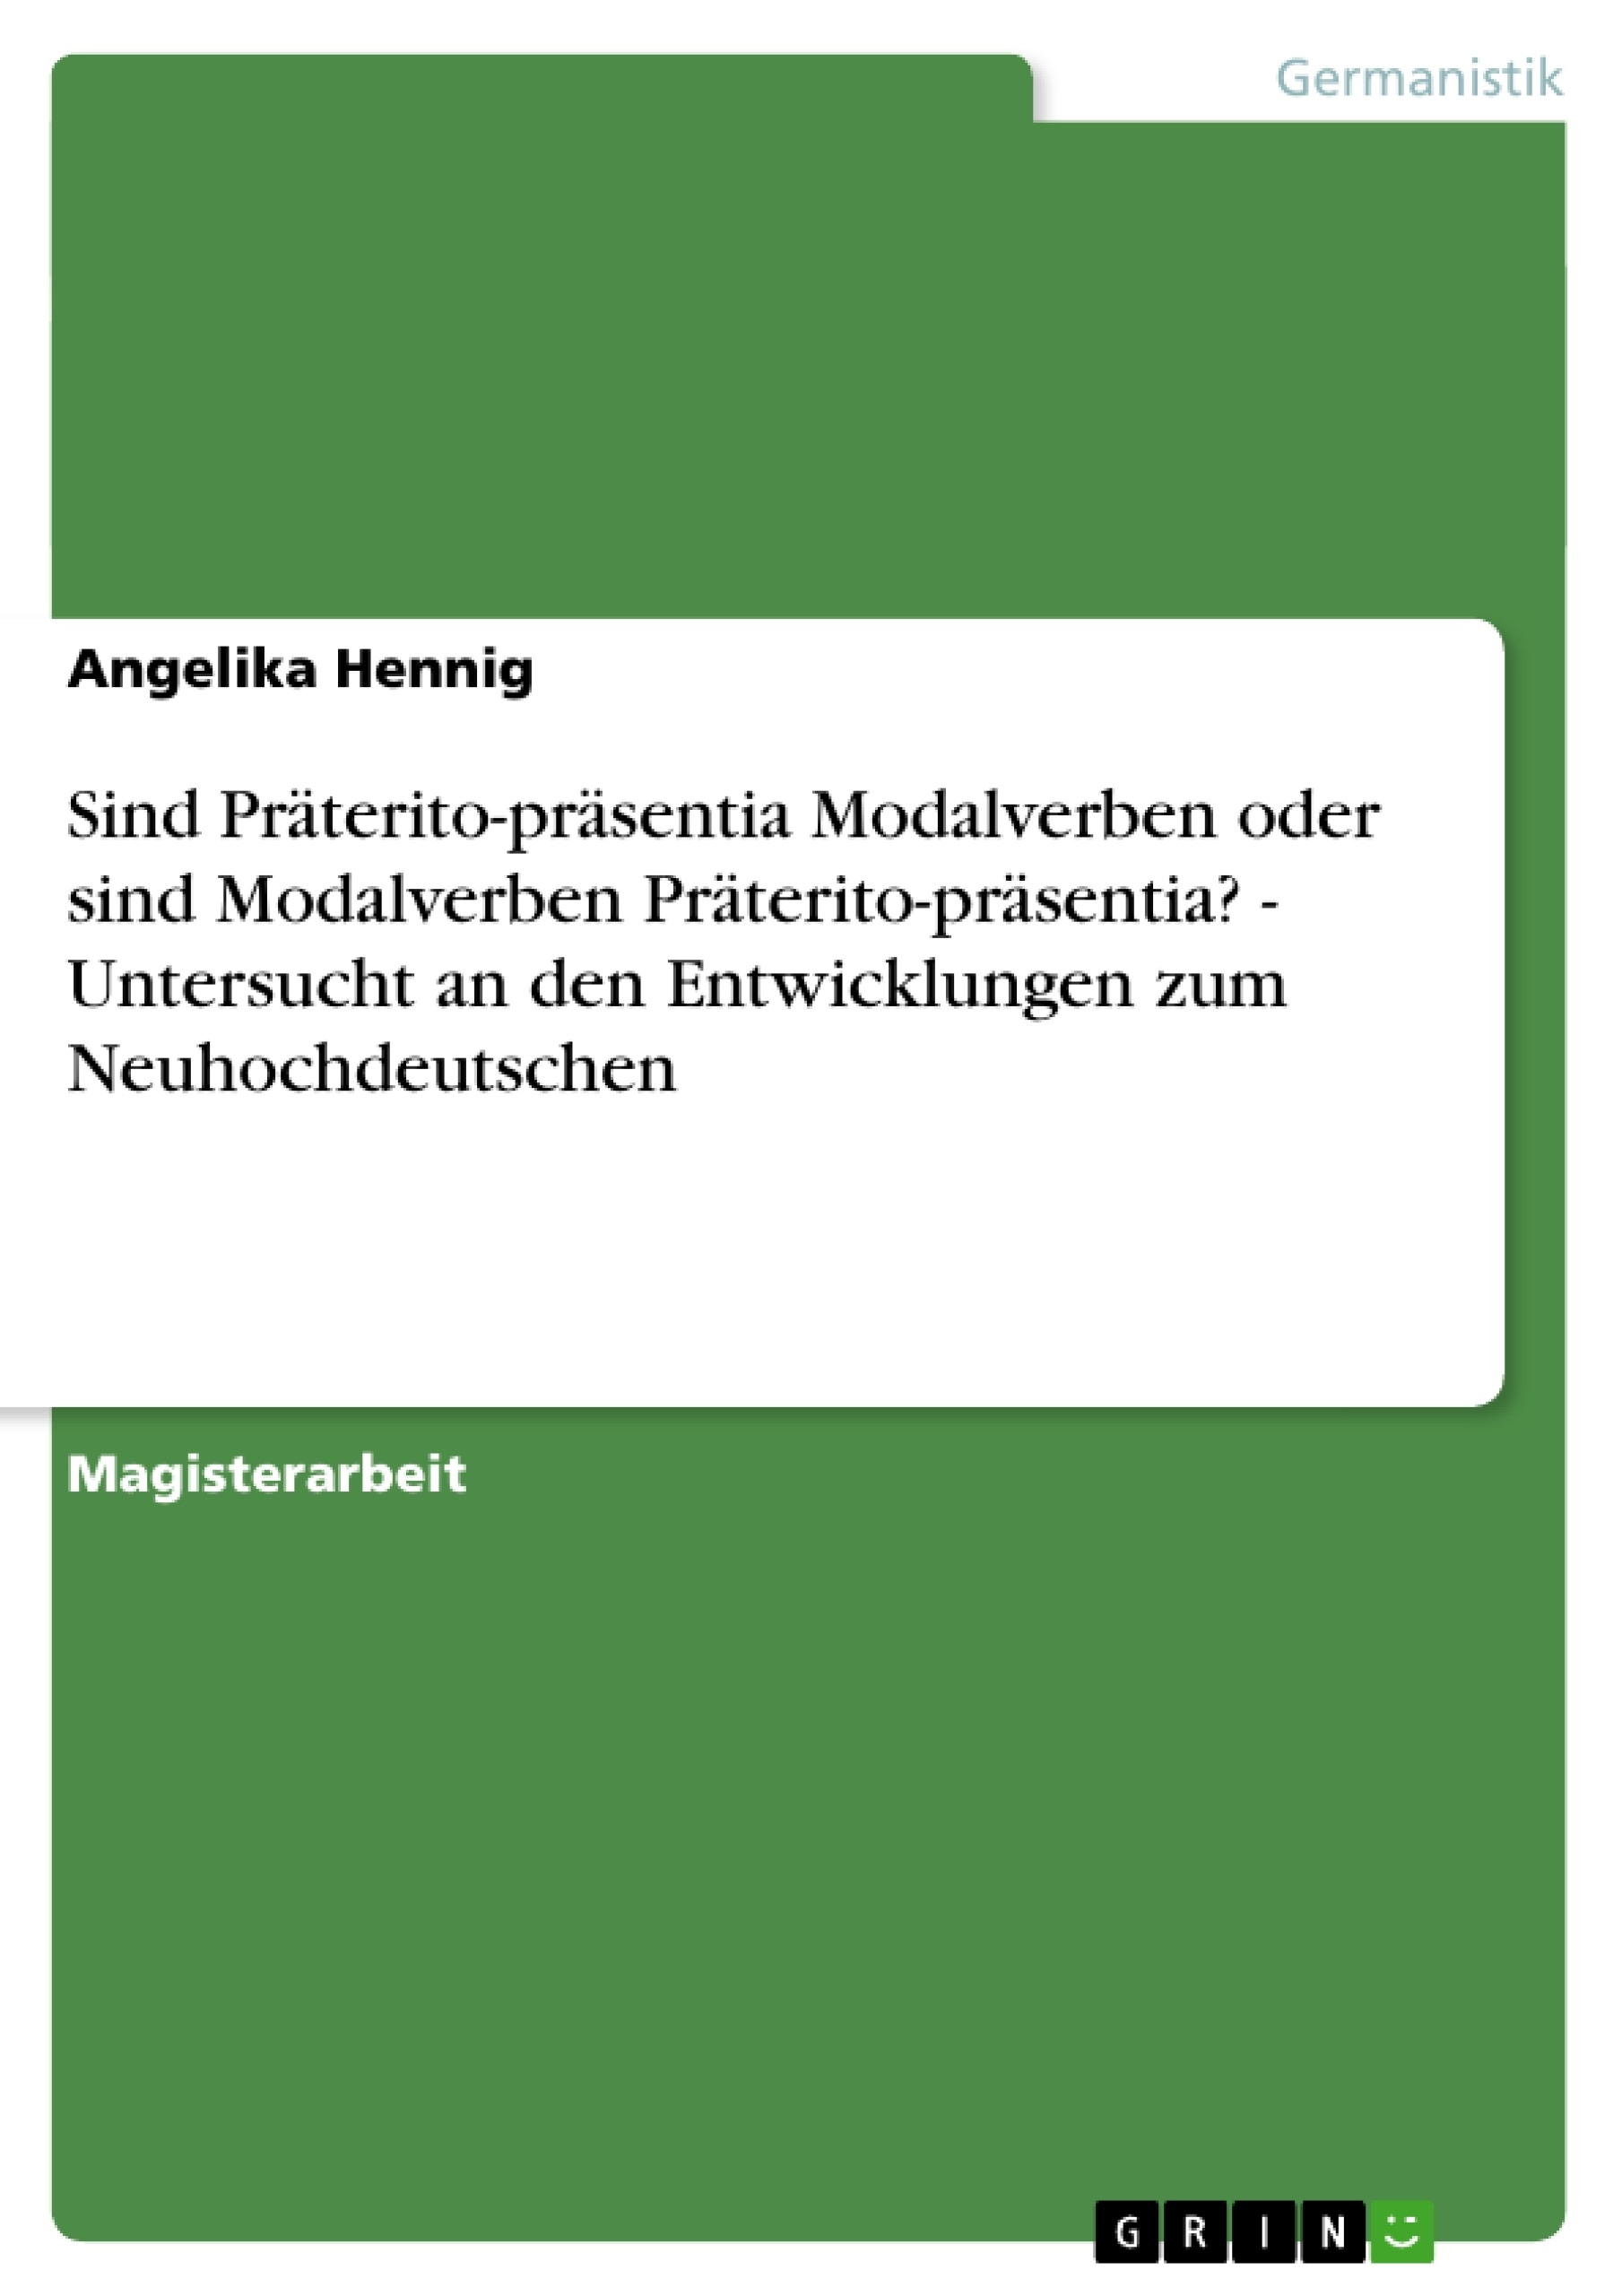 Titel: Sind Präterito-präsentia Modalverben oder sind Modalverben Präterito-präsentia?  - Untersucht an den Entwicklungen zum Neuhochdeutschen